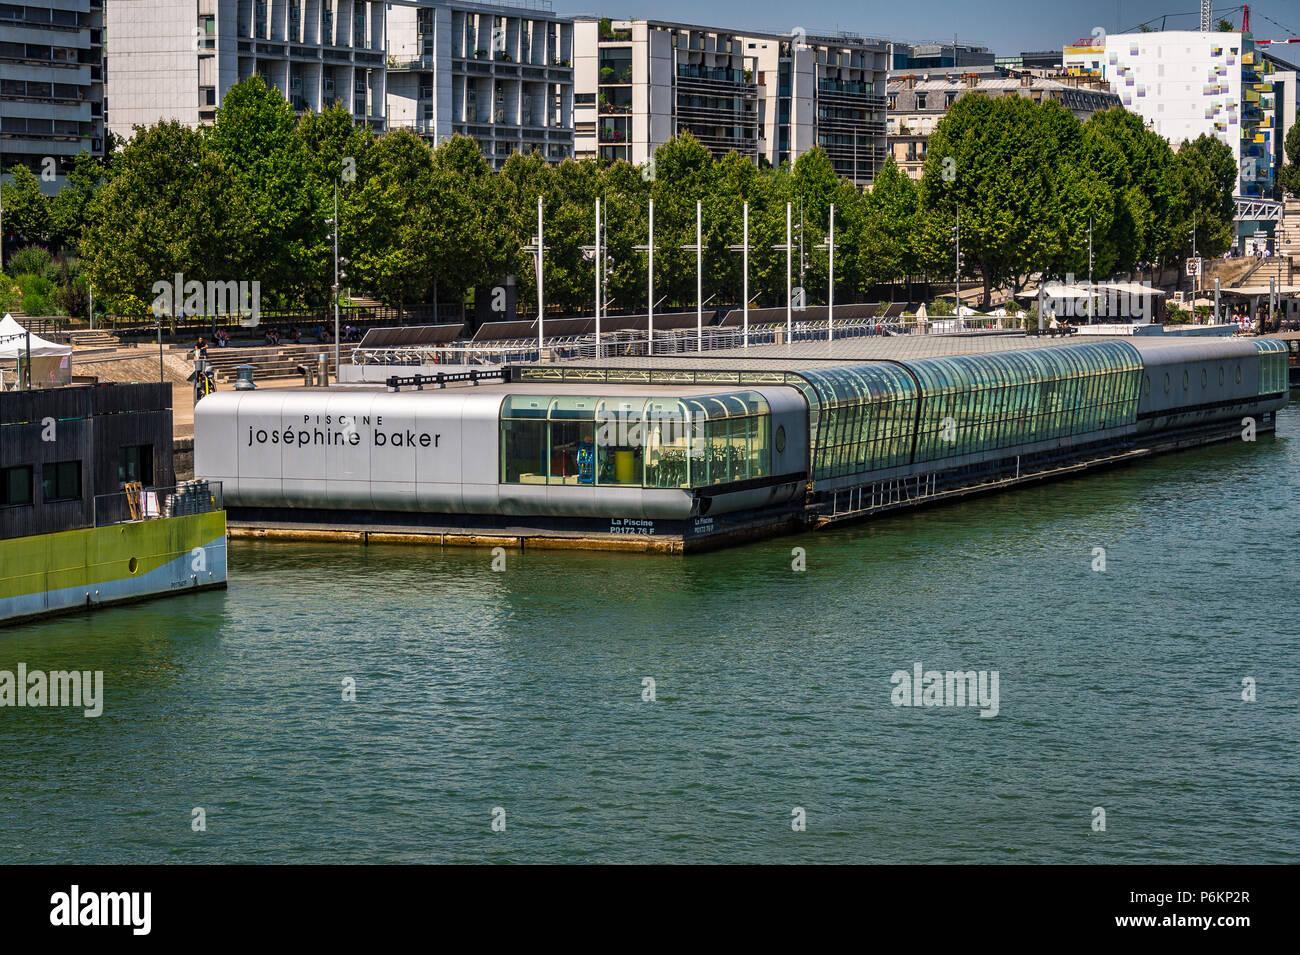 Piscine Joséphine Baker Ist Ein Swimmingpool Schwimmen Auf Der Seine In  Paris, Frankreich. Stockbild